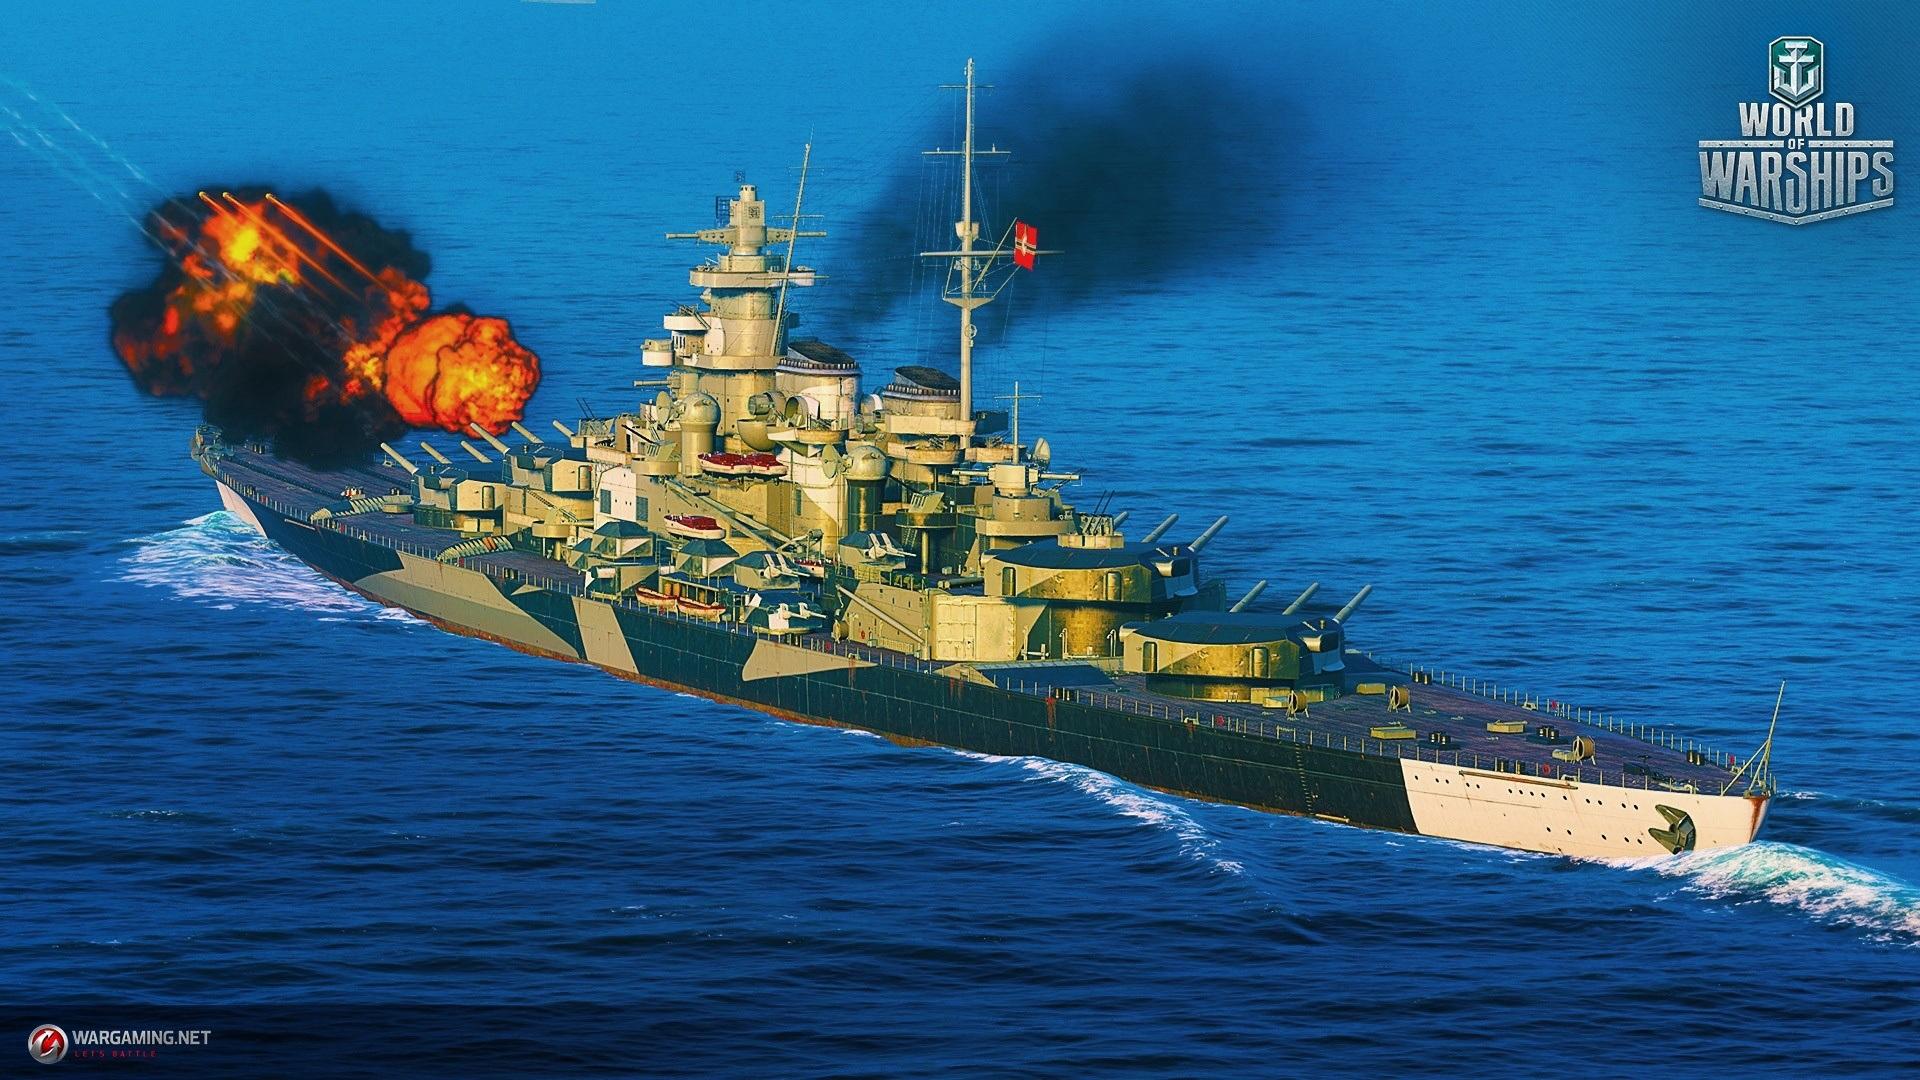 World of warships aimbots, cheats, hacks and exploits.